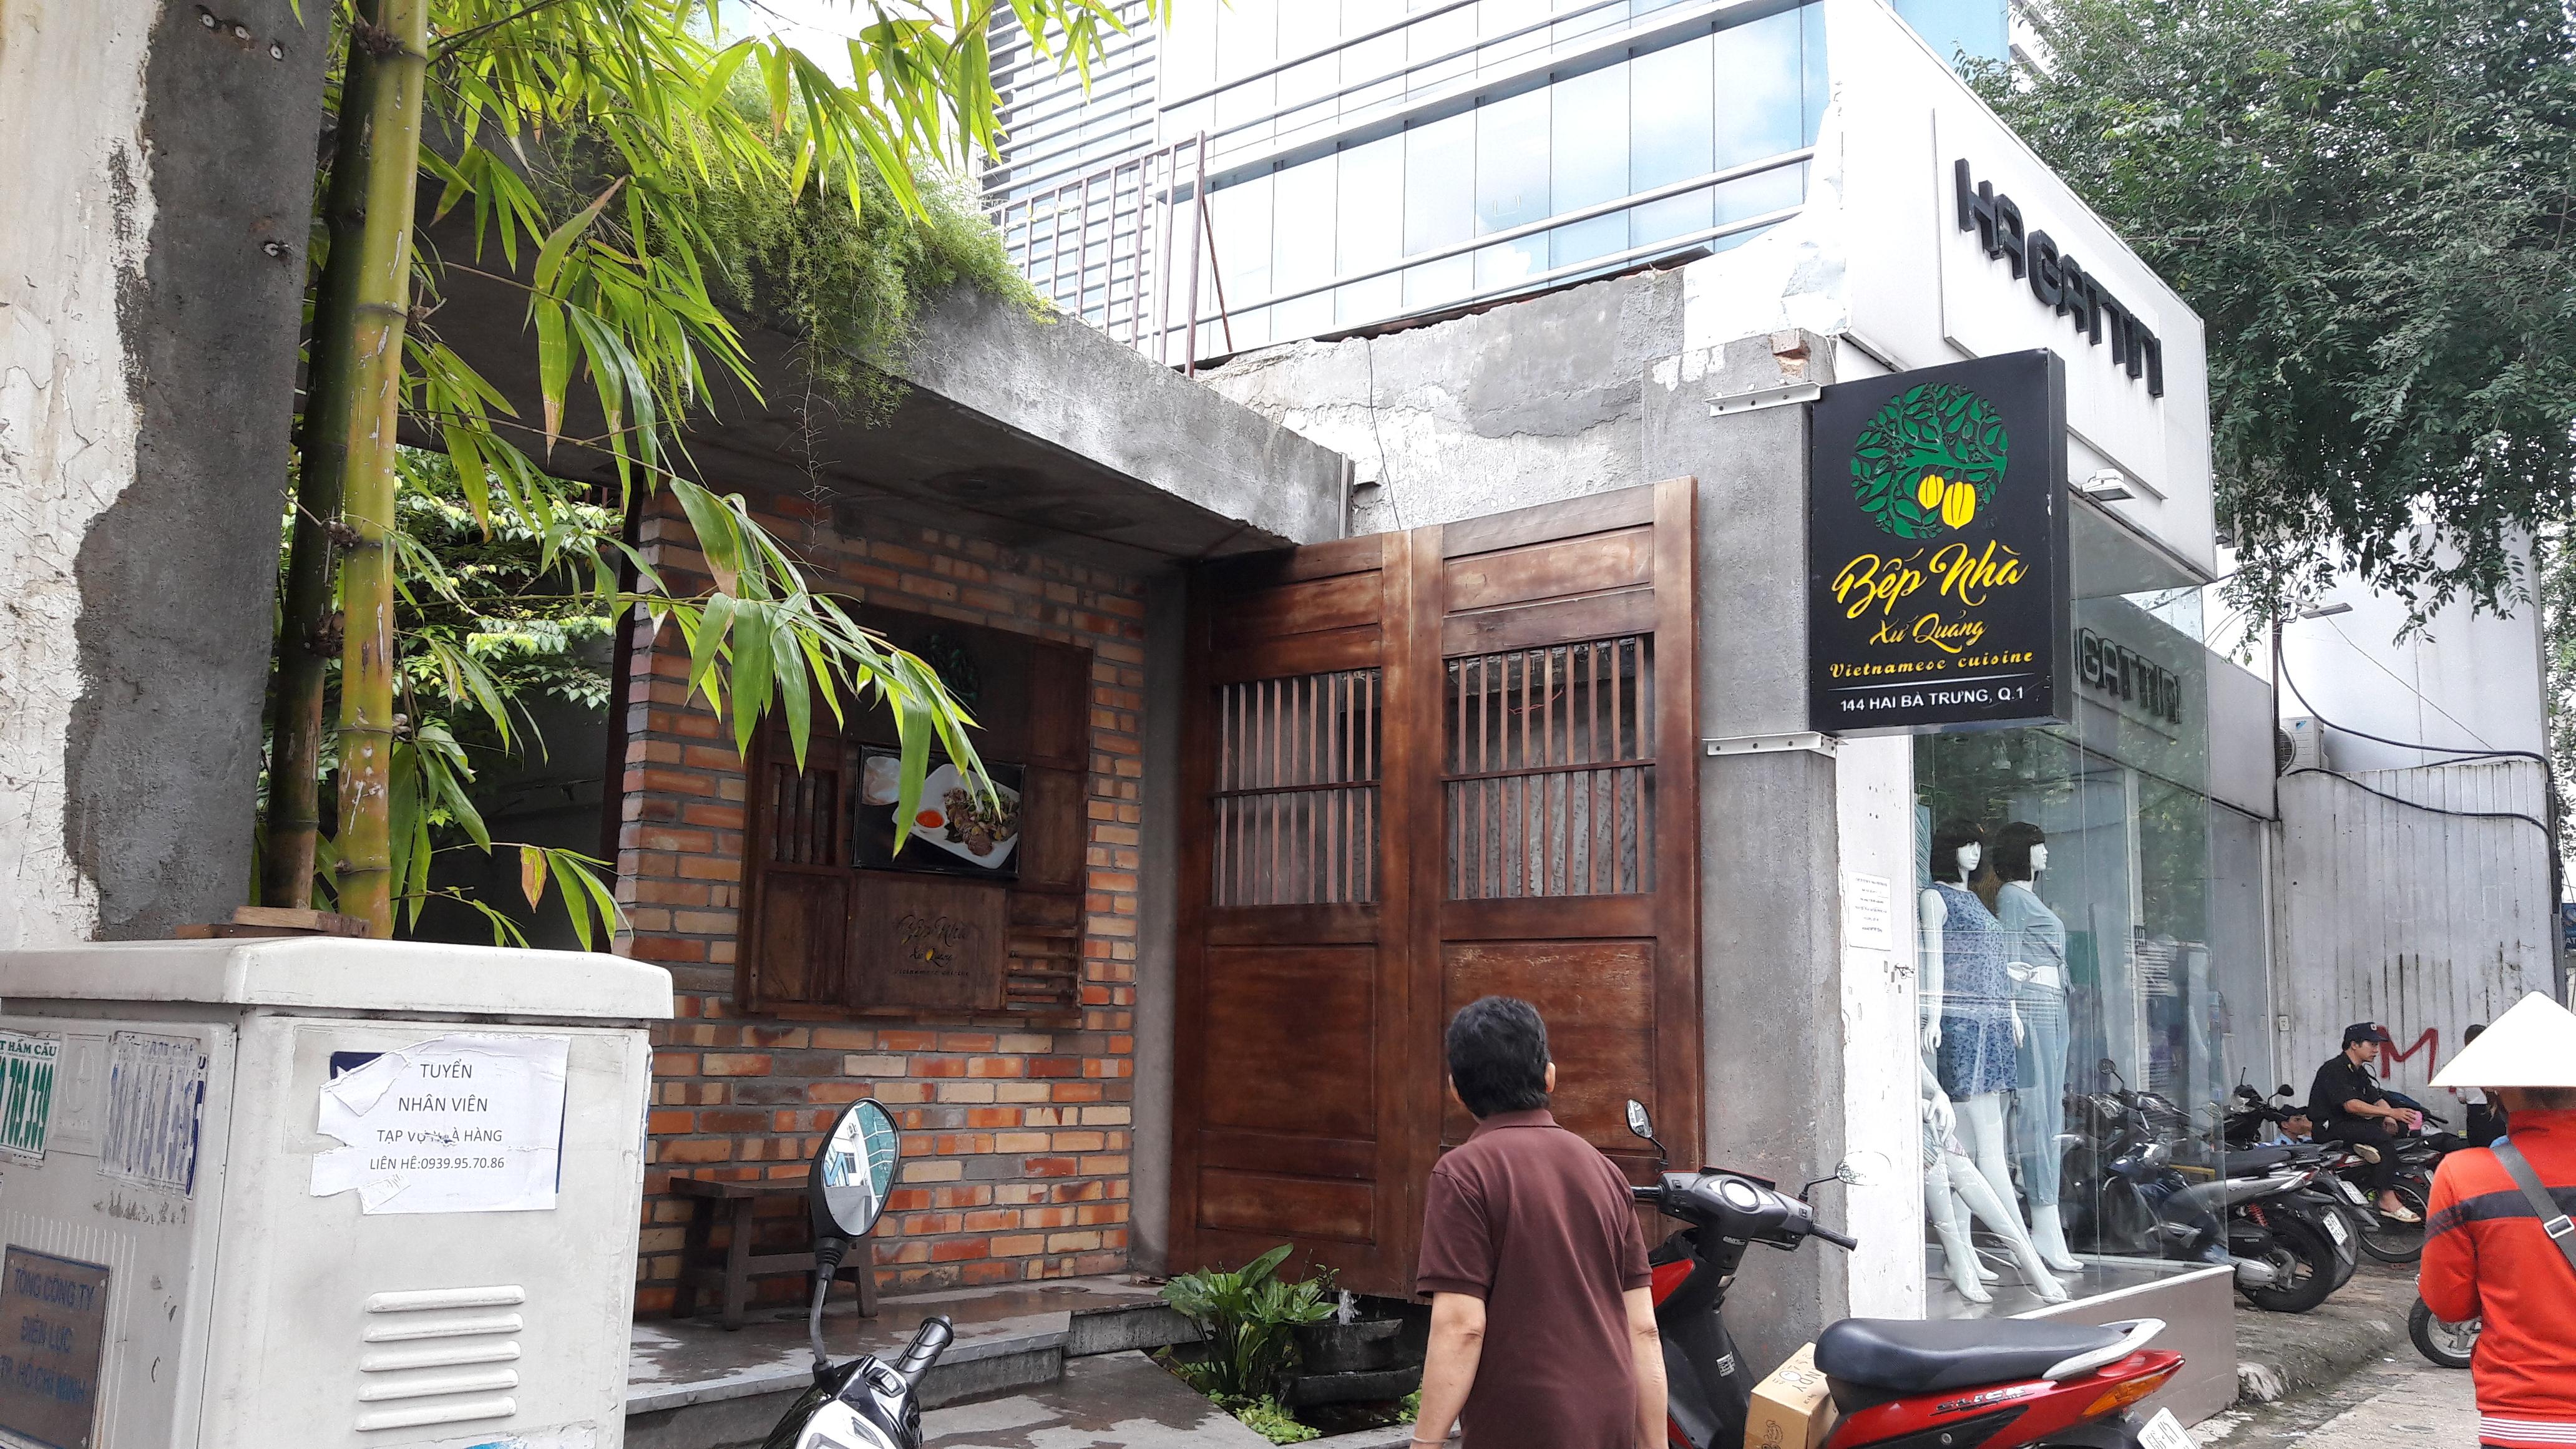 Nhà hàng Bếp nhà xứ Quảng (Review 10/09/2017)